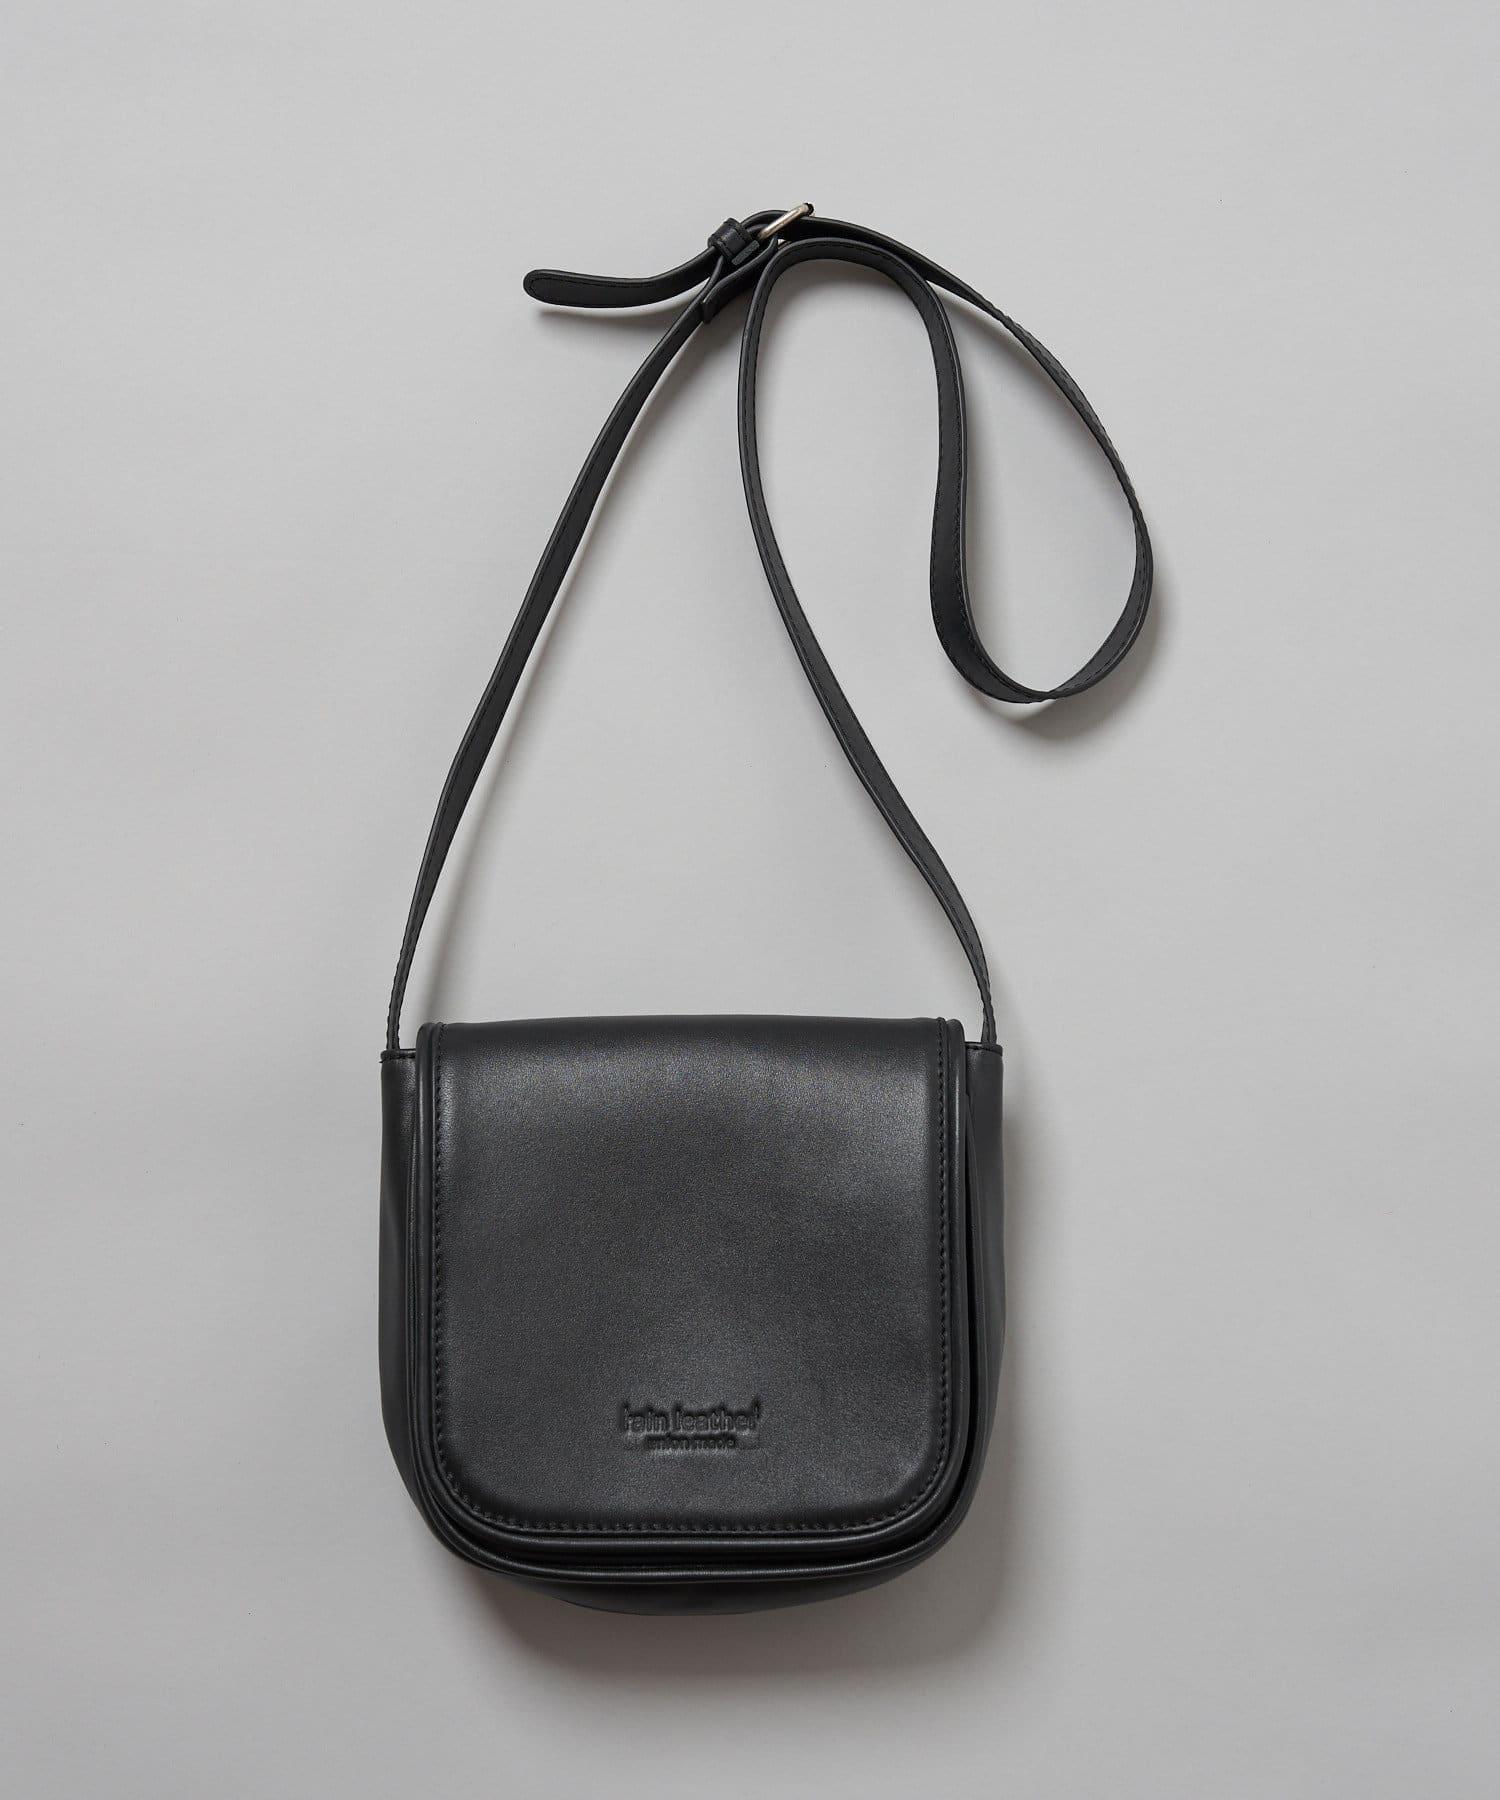 CIAOPANIC(チャオパニック) 【Rain Leather/レインレザー】防水レザーボックスショルダーバッグ